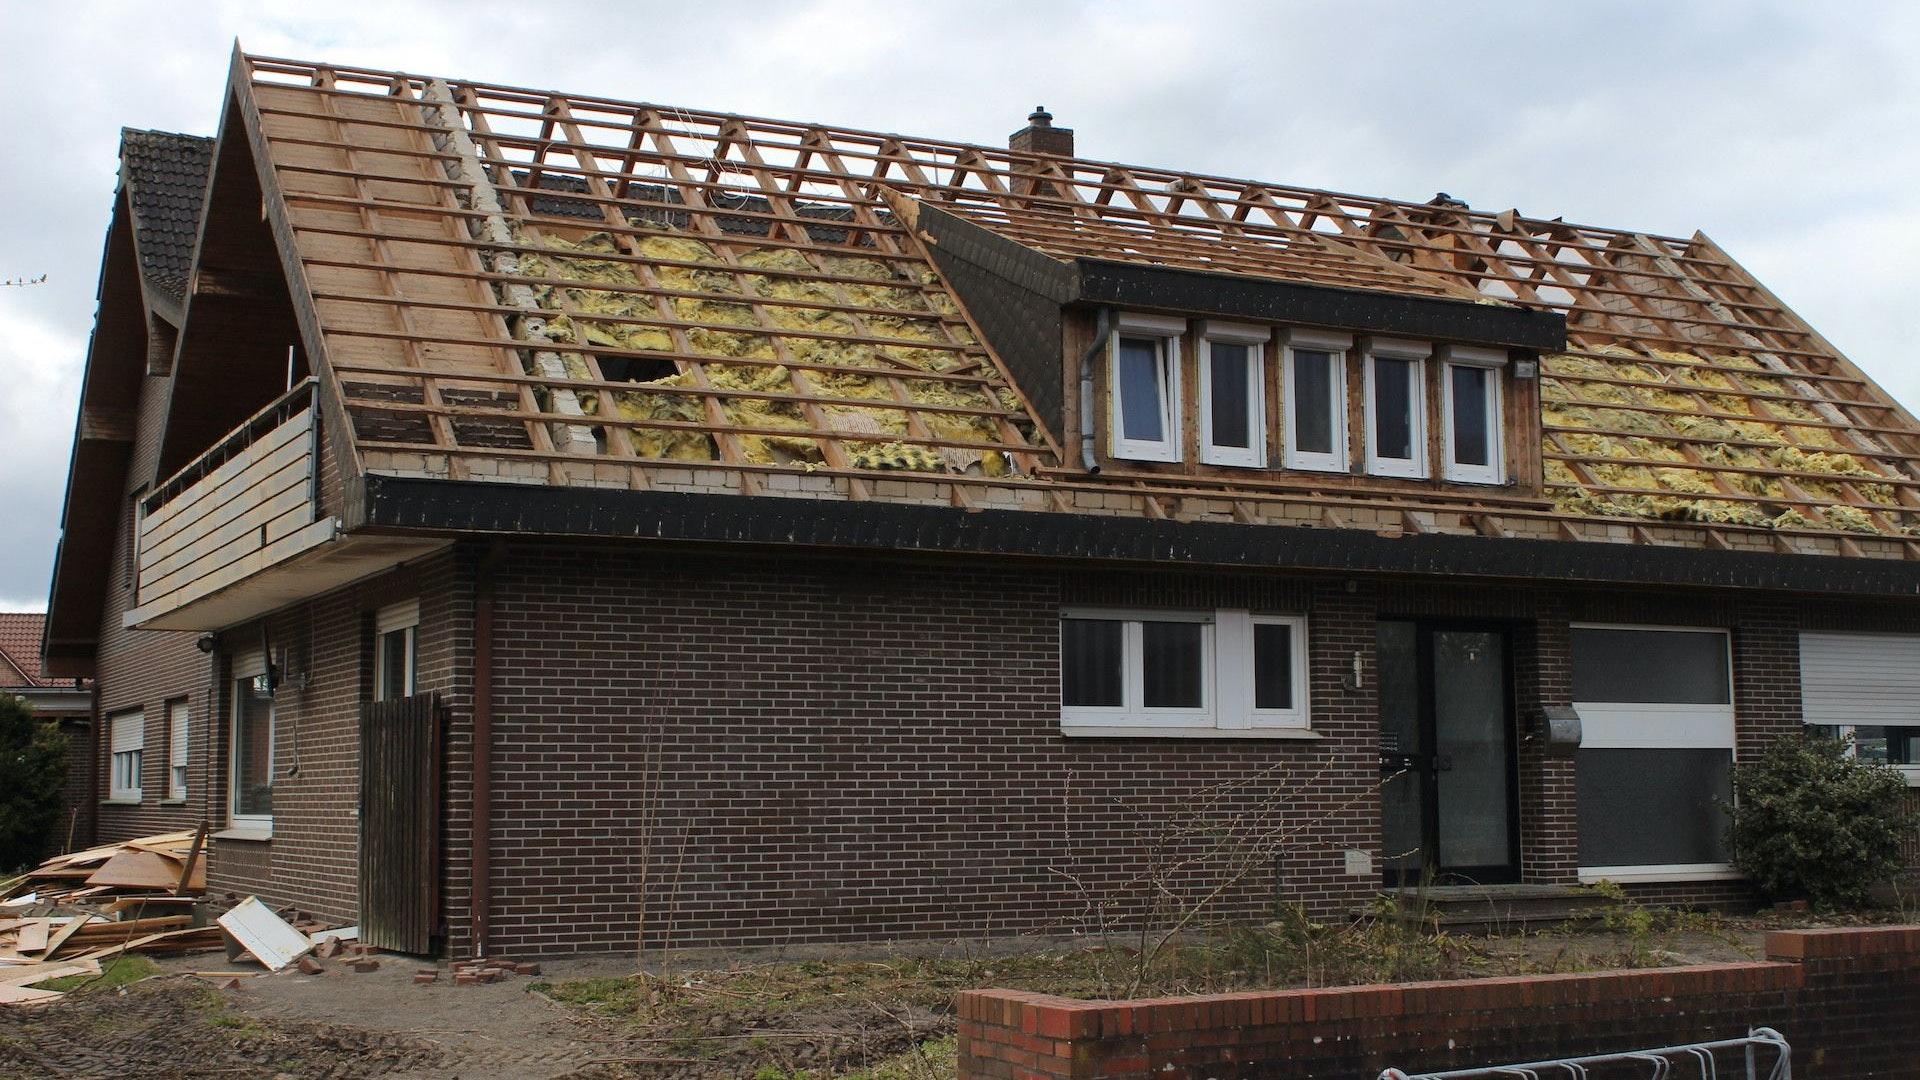 Das Bauprojekt ist gestartet: Die Abrissarbeiten am alten Pfarrheim in Rechterfeld haben mit der Entsorgung der Eternit-Dachplatten begonnen. Foto: Heinzel